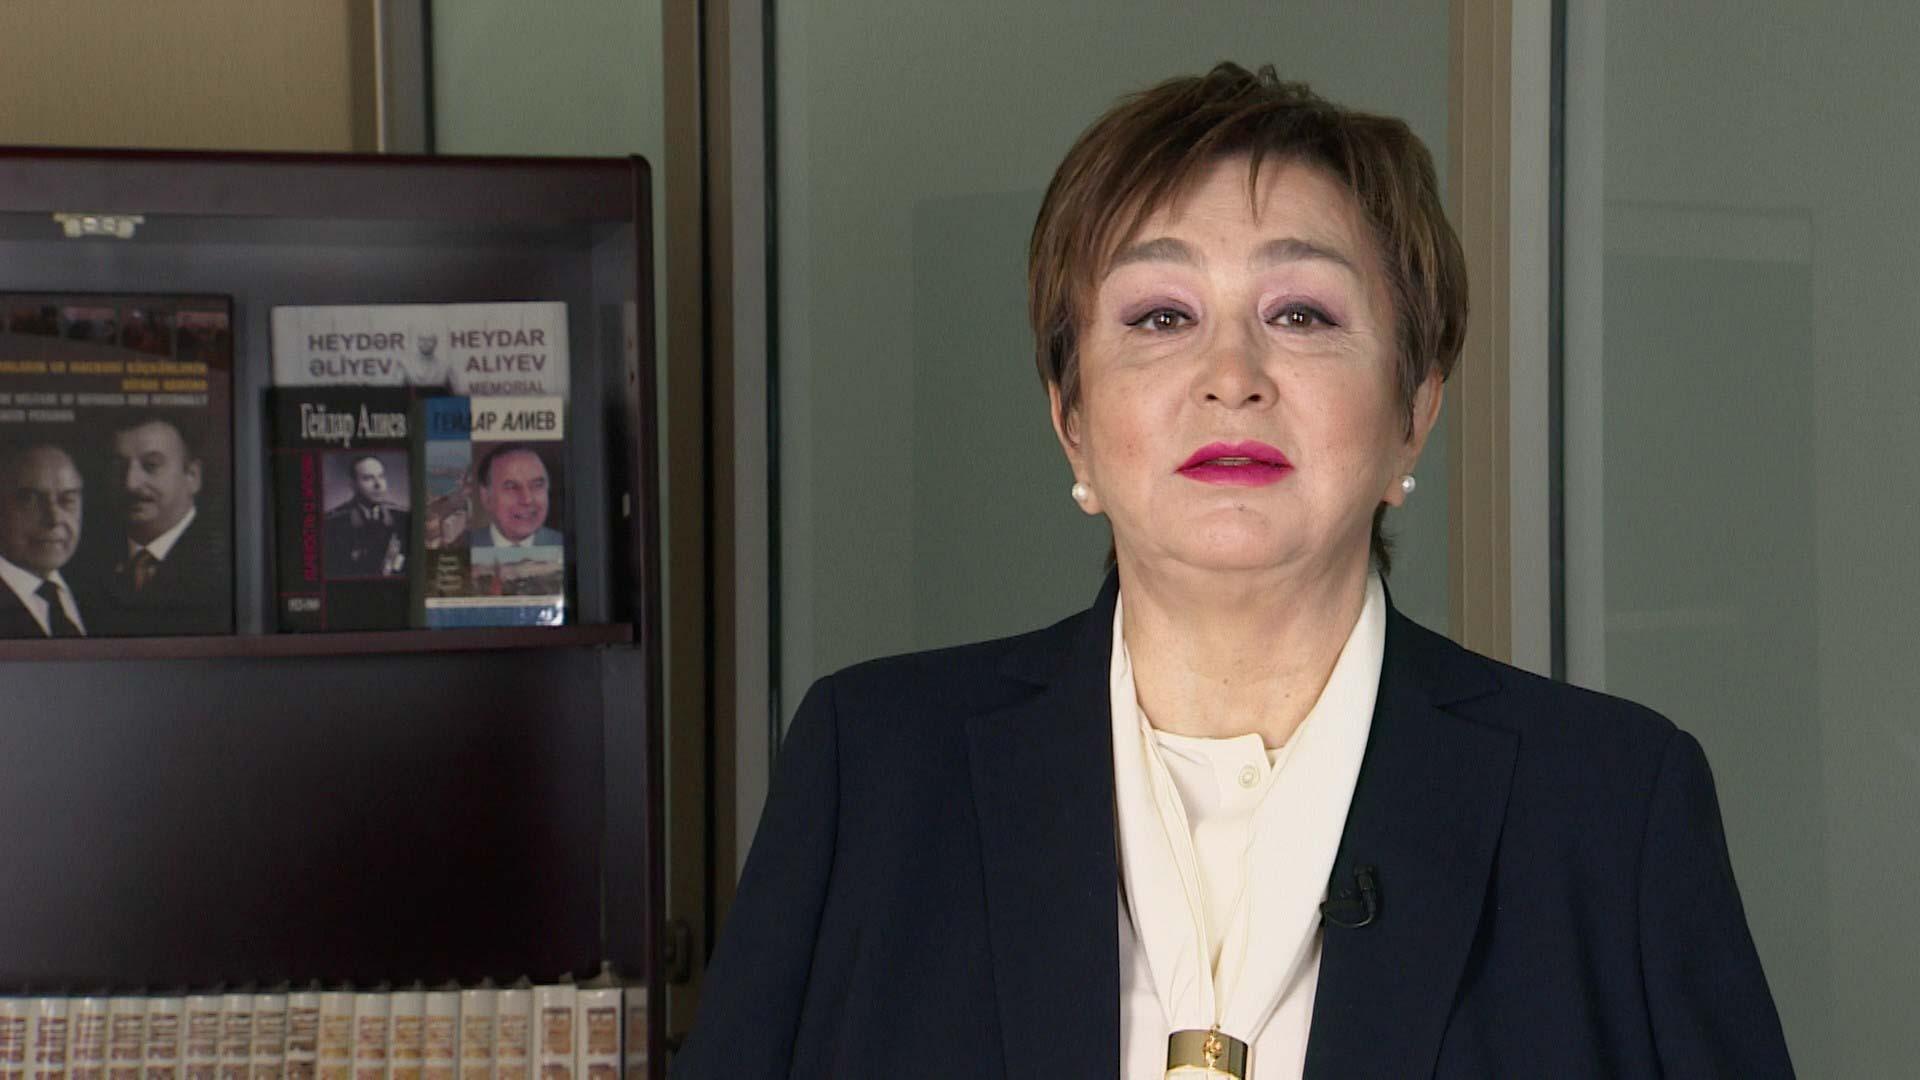 """DİM sədri: """"Yüksəliş"""" karyeranın qurulması yolunda unikal imkan deməkdir"""" - VİDEO"""